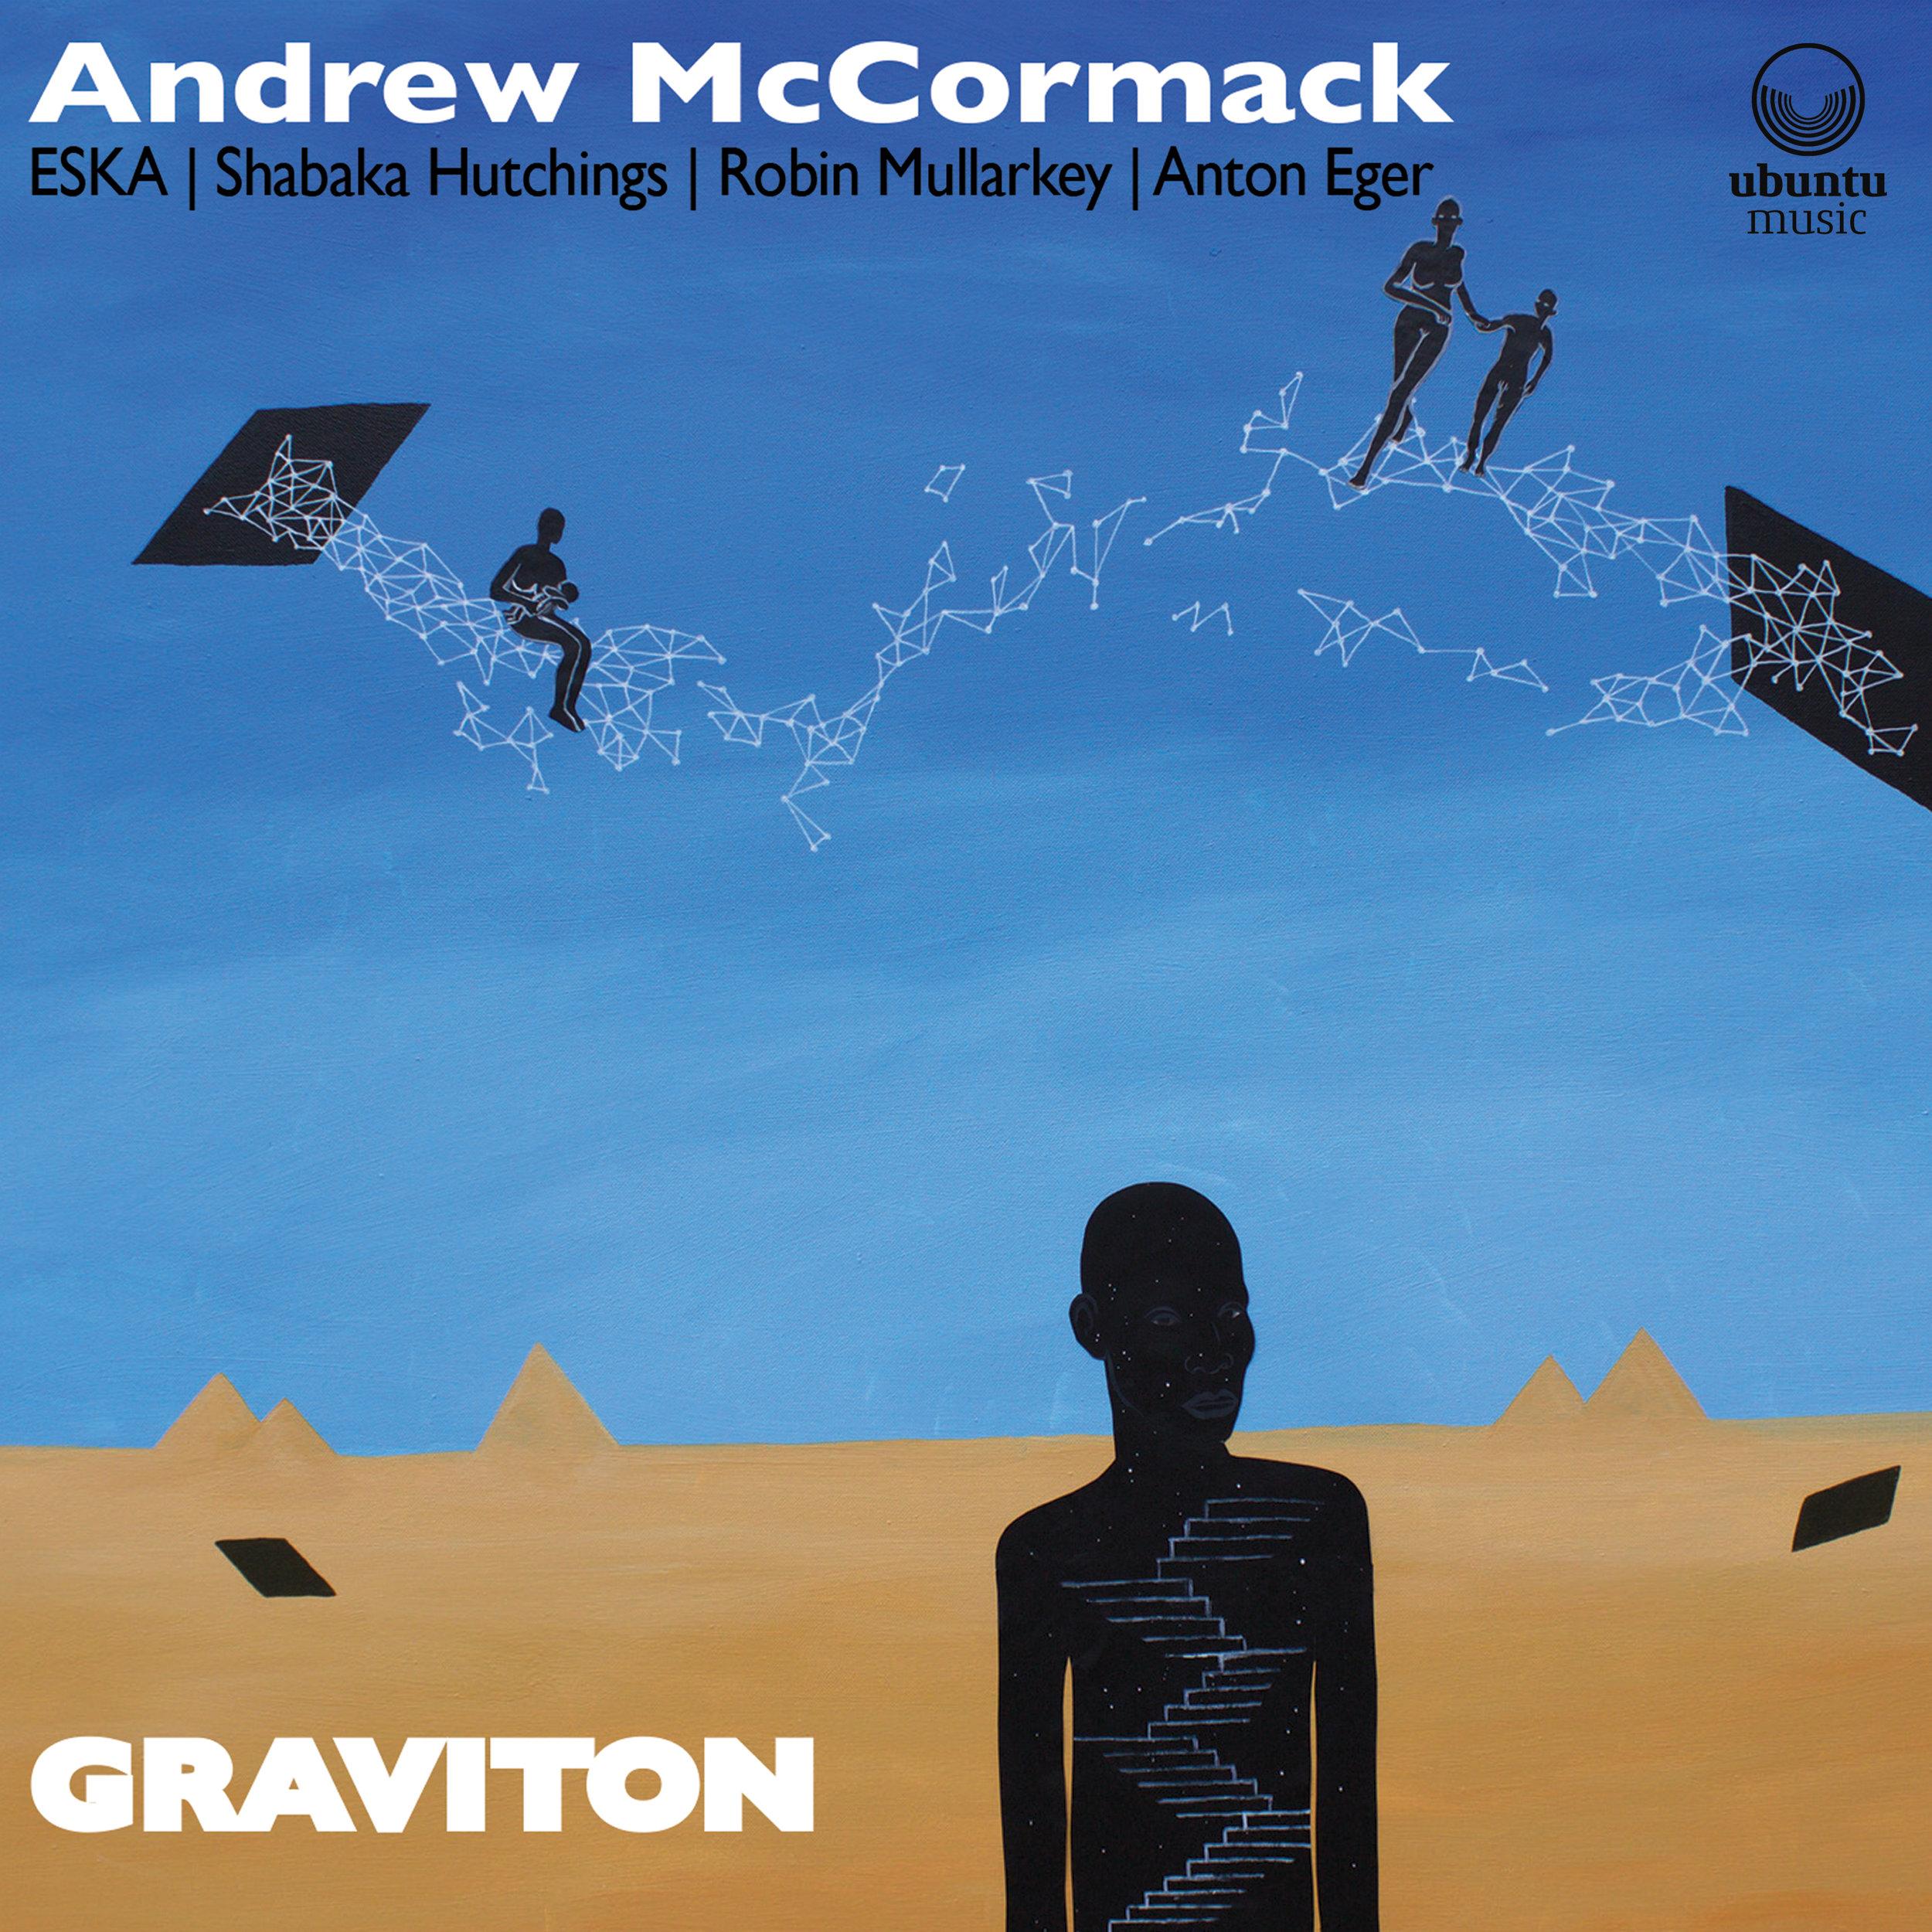 Andrew McCormack / Graviton